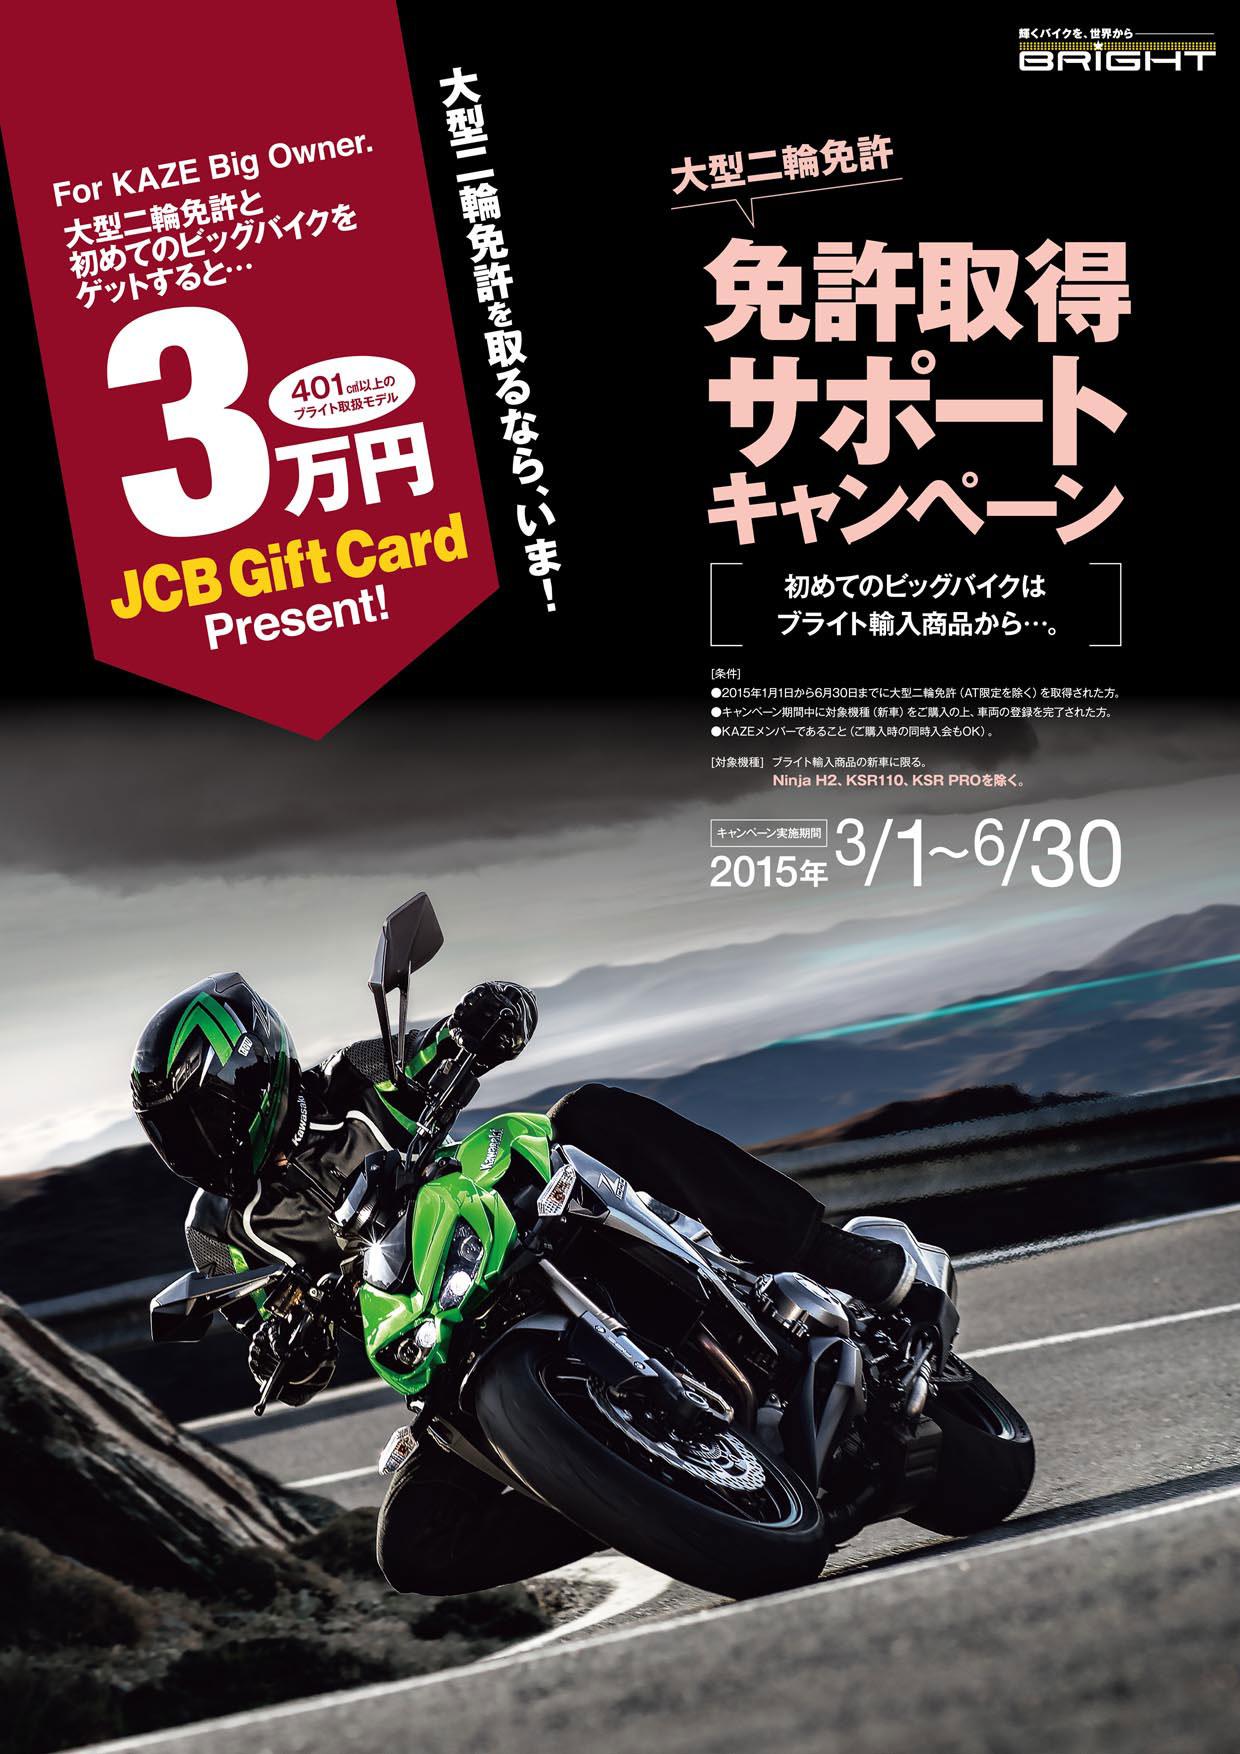 2015_04-campaign.jpgのサムネール画像